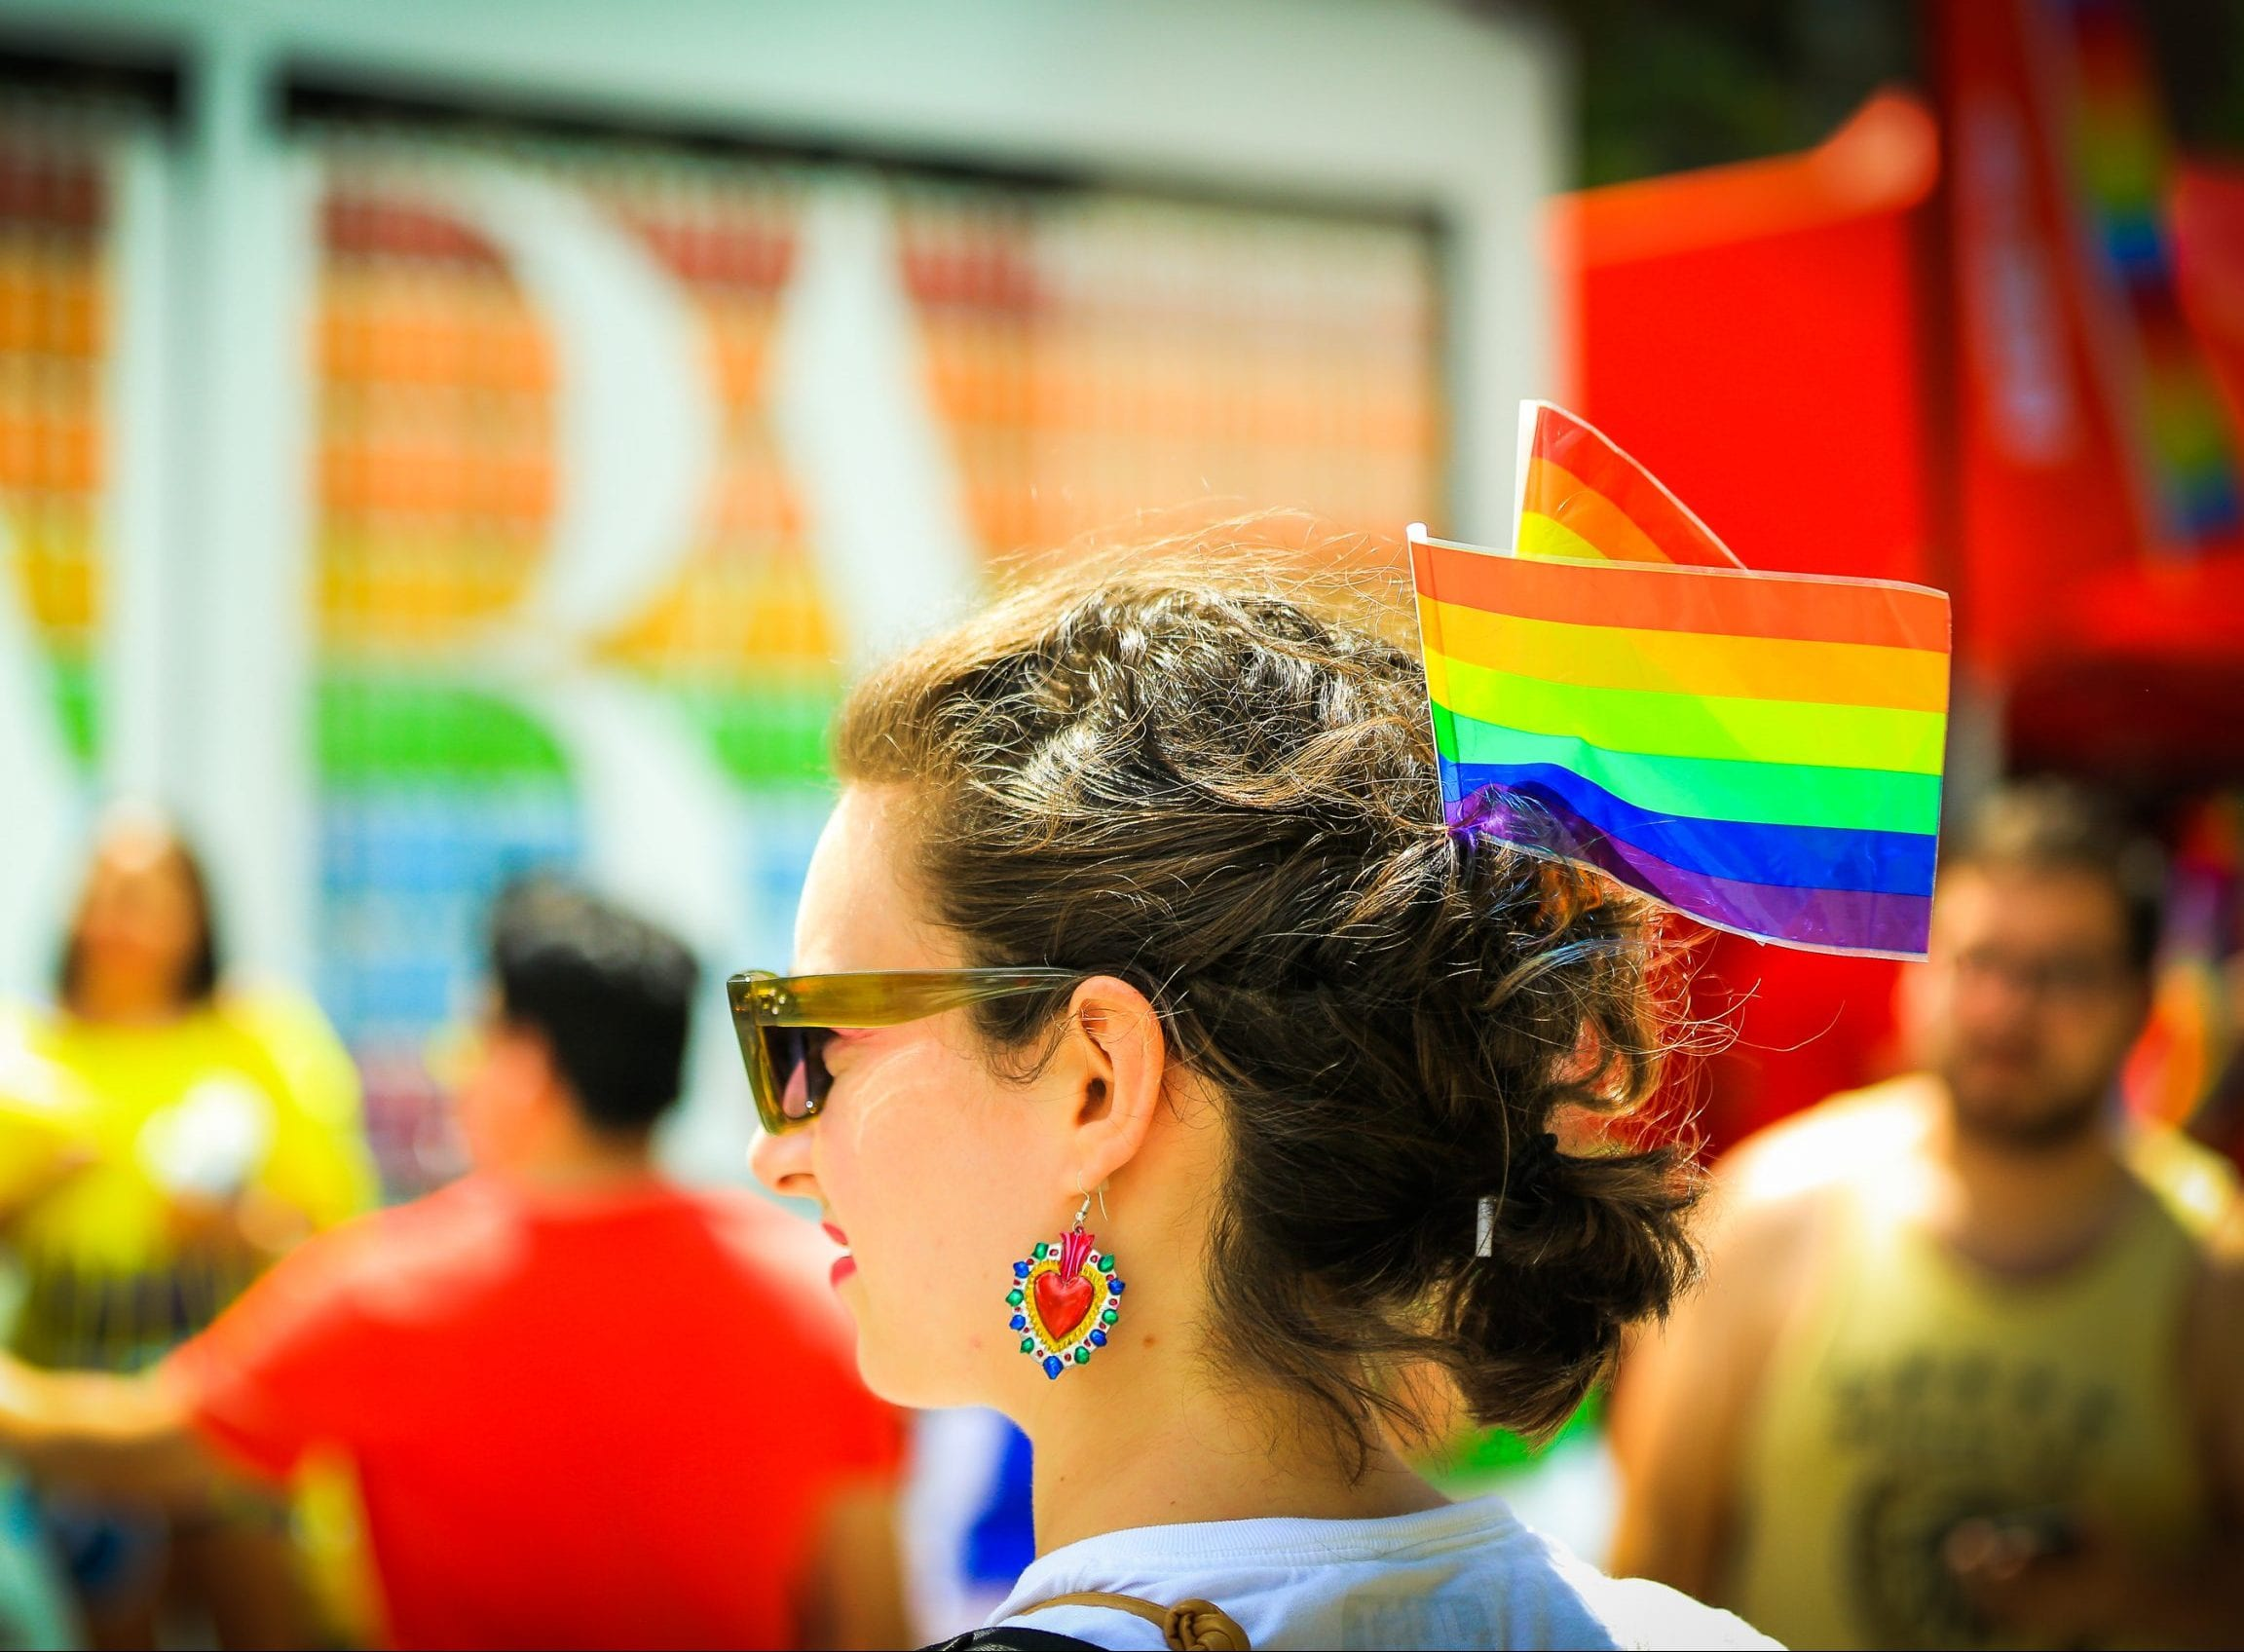 Event marketing pride parade